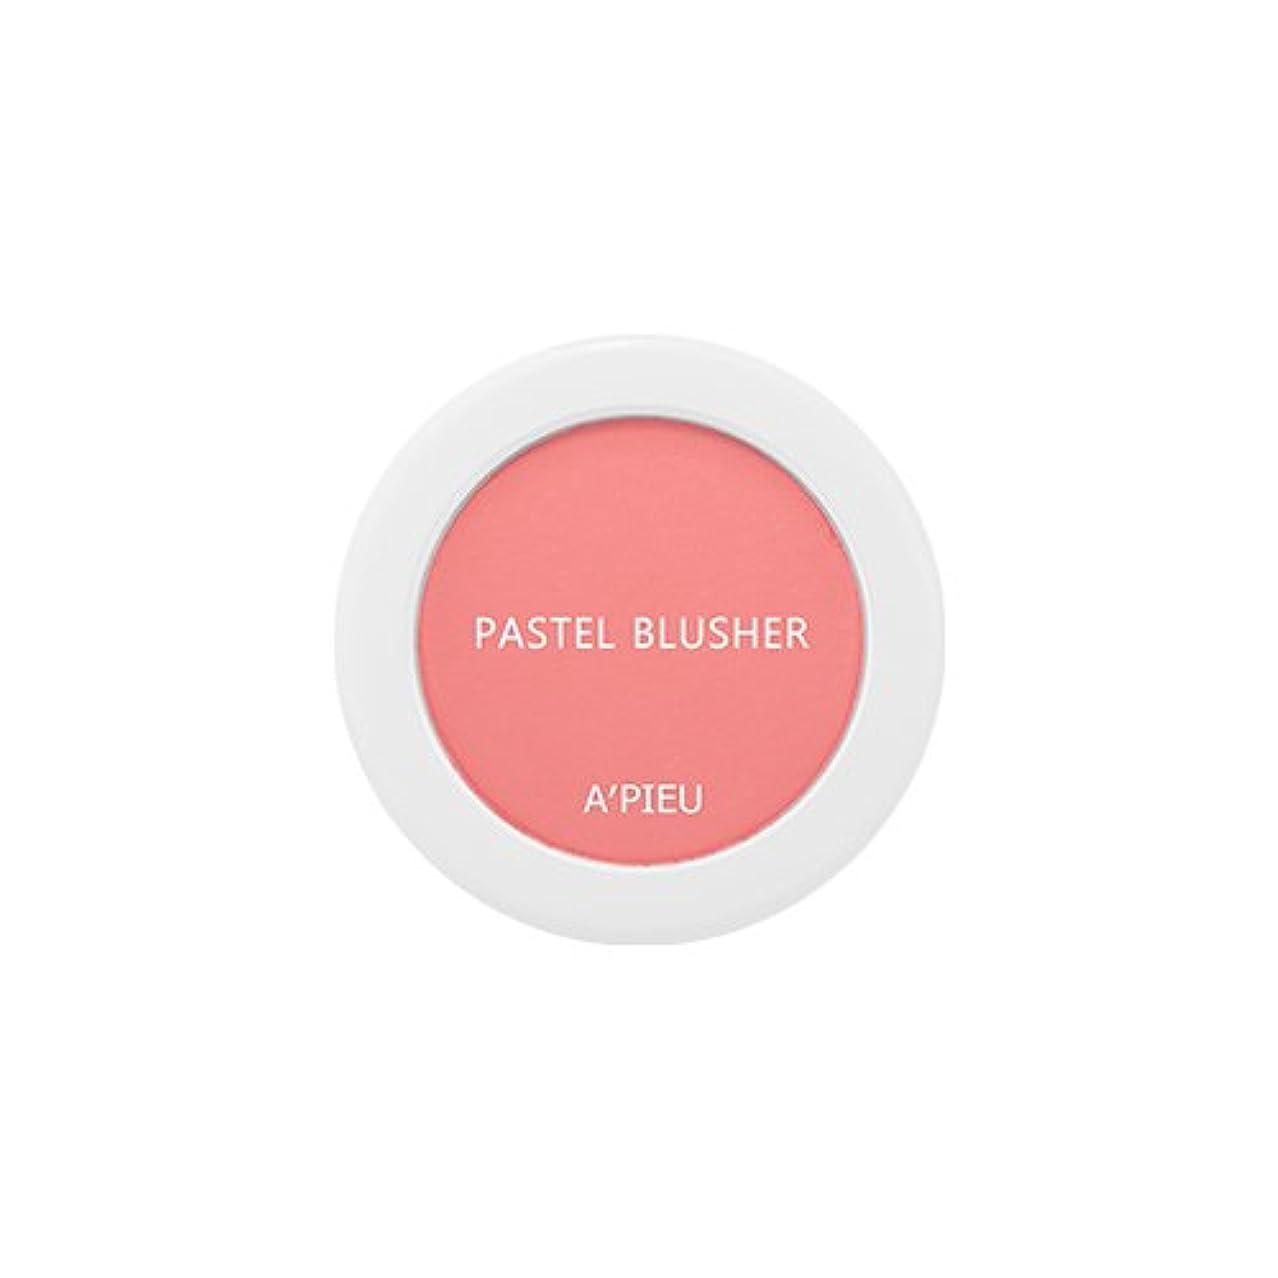 鳴り響く保存する消化器アピュ[APIEU] Pastel Blusher パステル ブラッシャー (CR01) [並行輸入品]